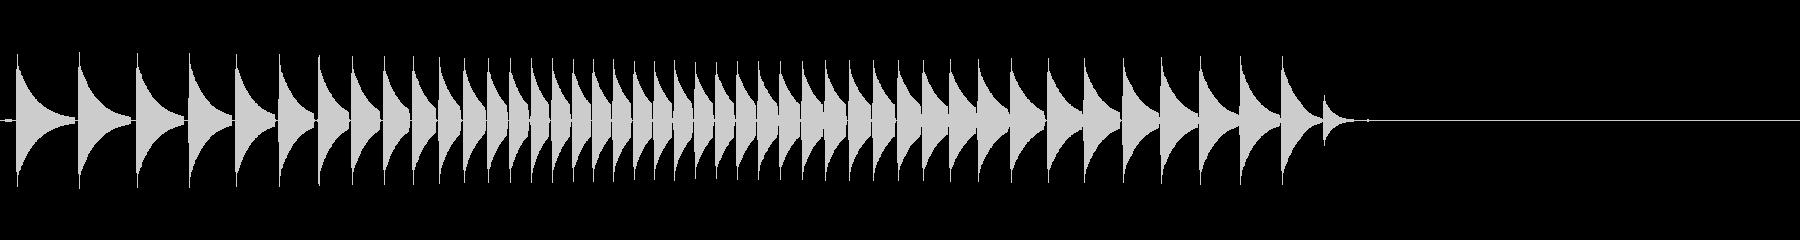 KANTクリックスクロール効果音2086の未再生の波形